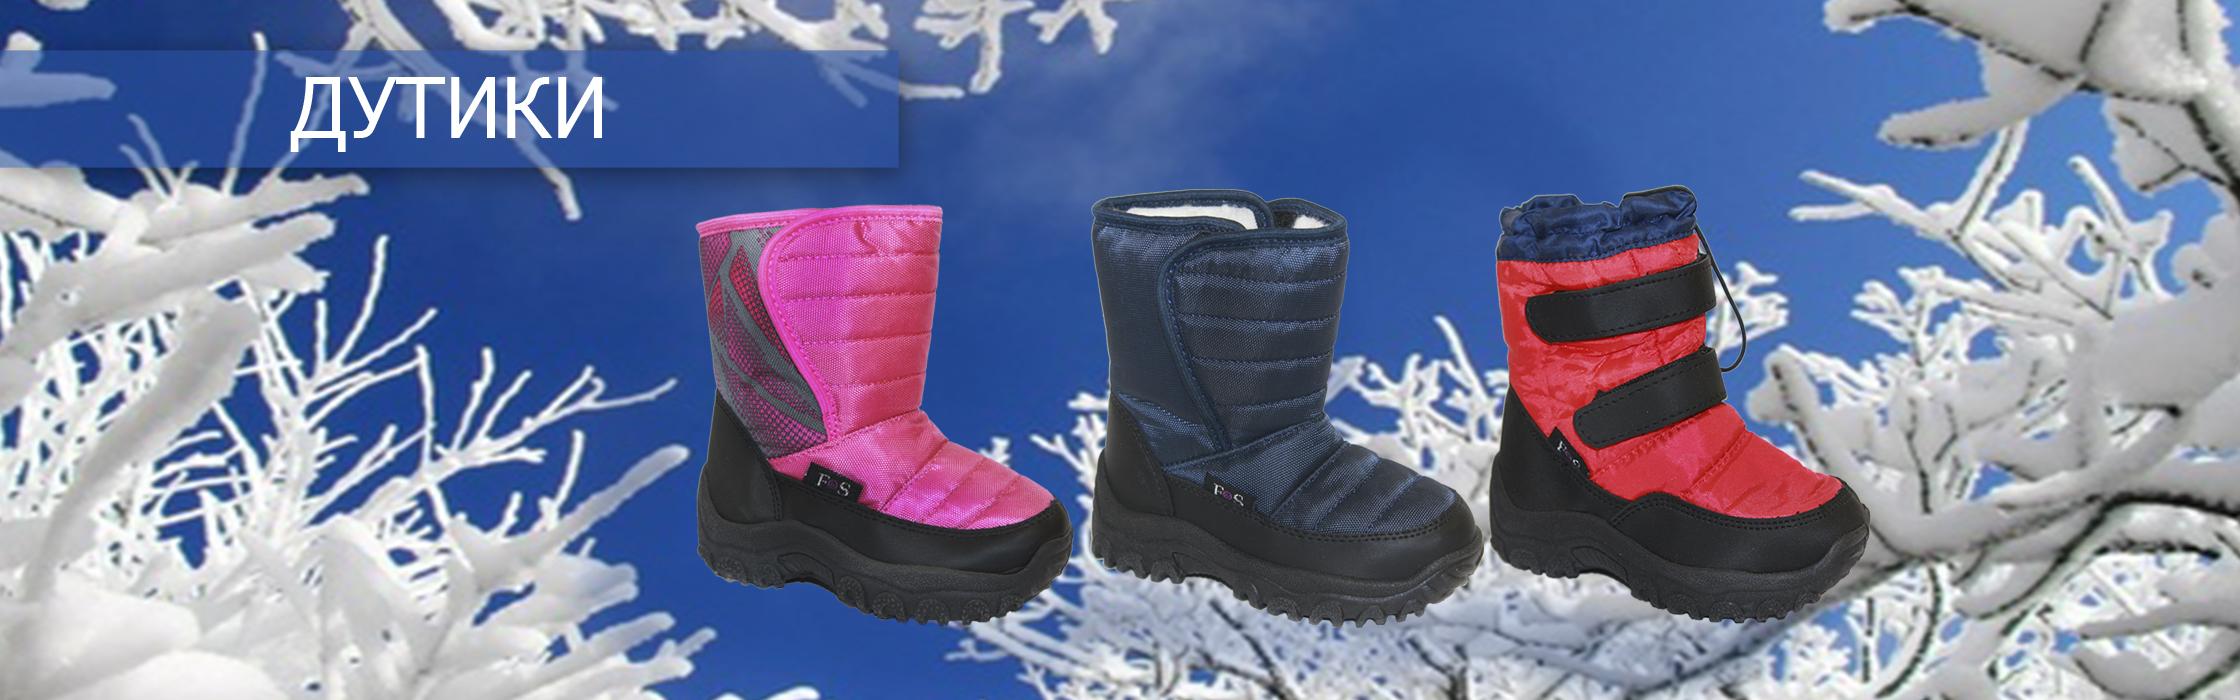 Сбор заказов. Обувь для детей, подростков и родителей! Дутики, кеды и школьная обувь по сладким ценам.